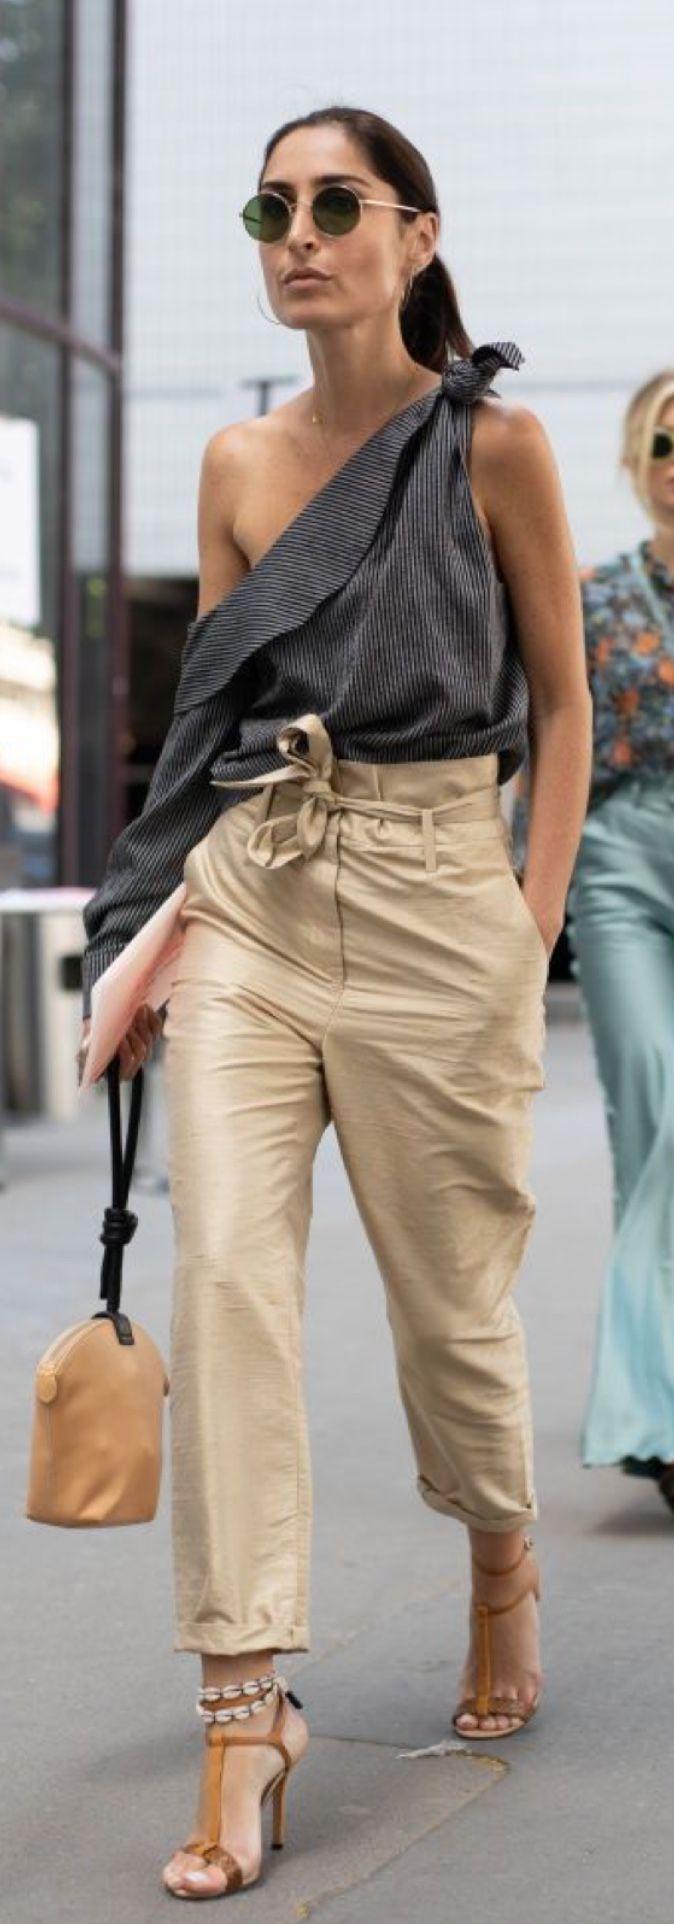 Le nuove parigine indossano le sneakers? Così sembra, da questi look streetstyle da Parigi Moda Uomo